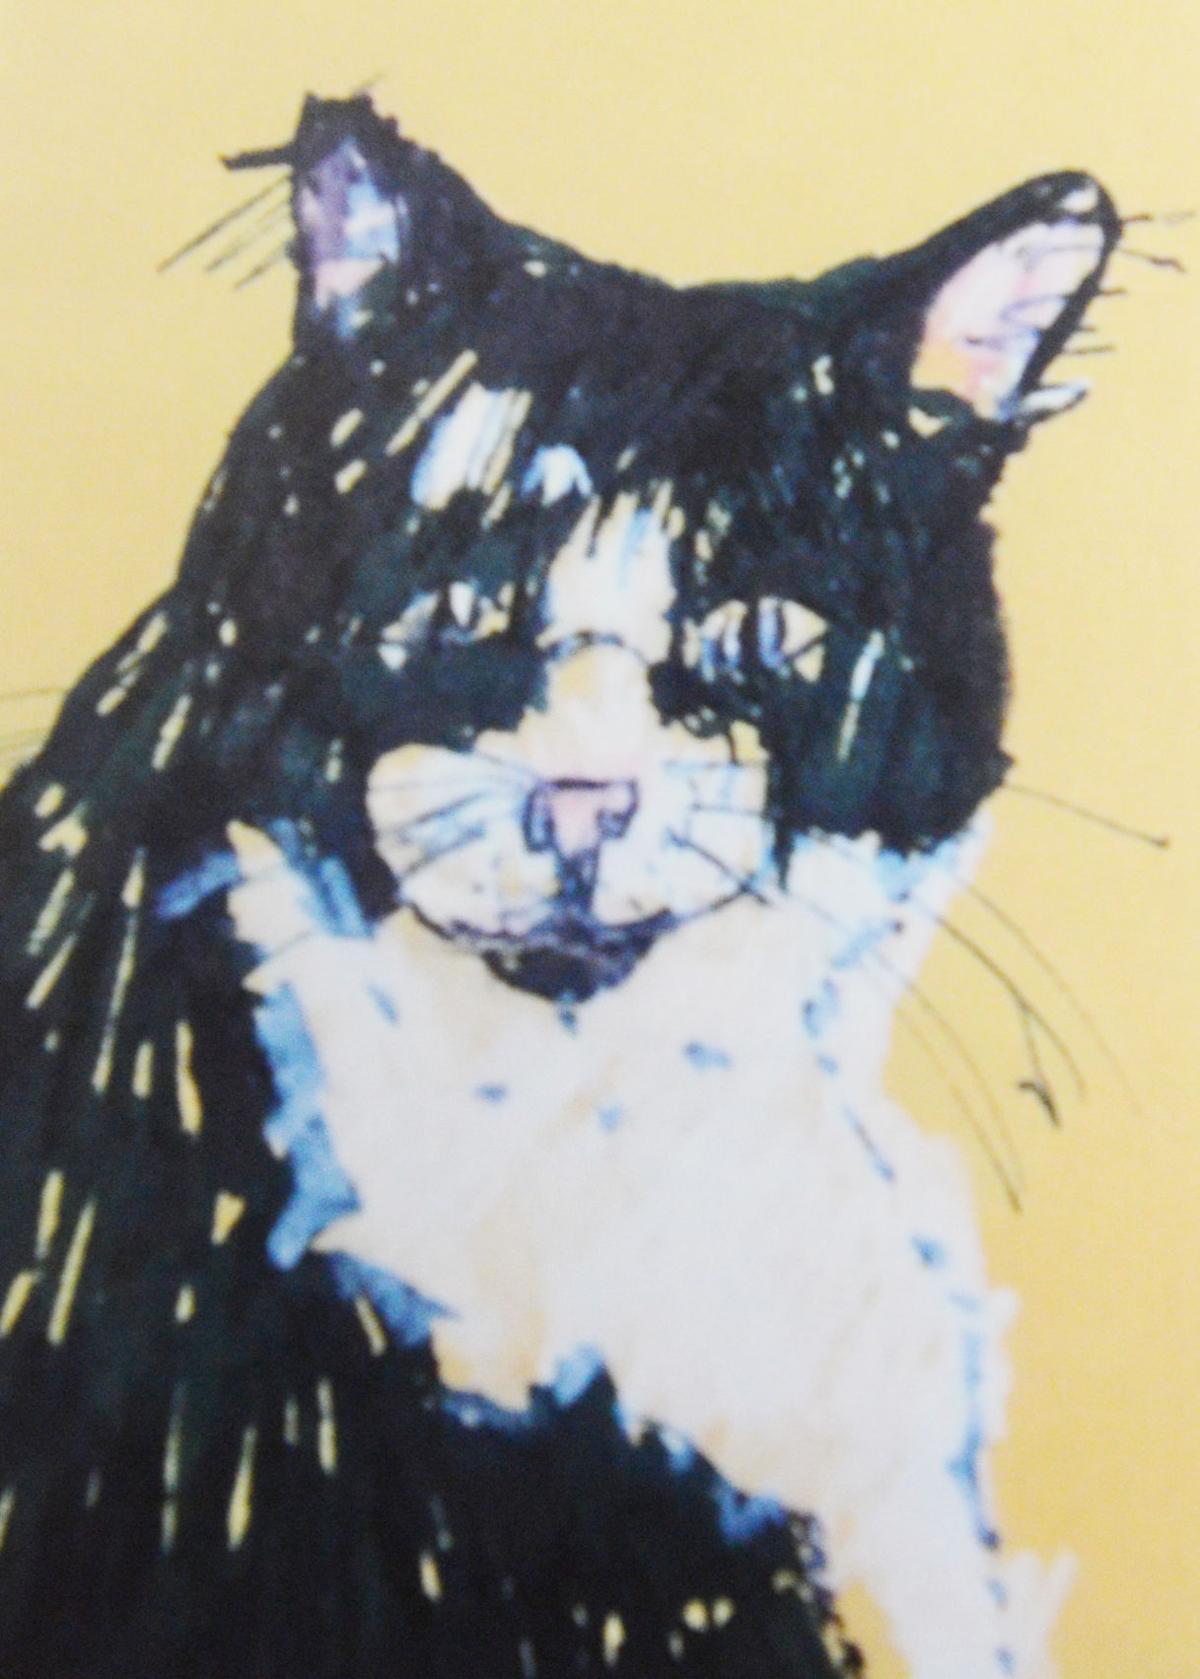 FOCUS: Cat sketch